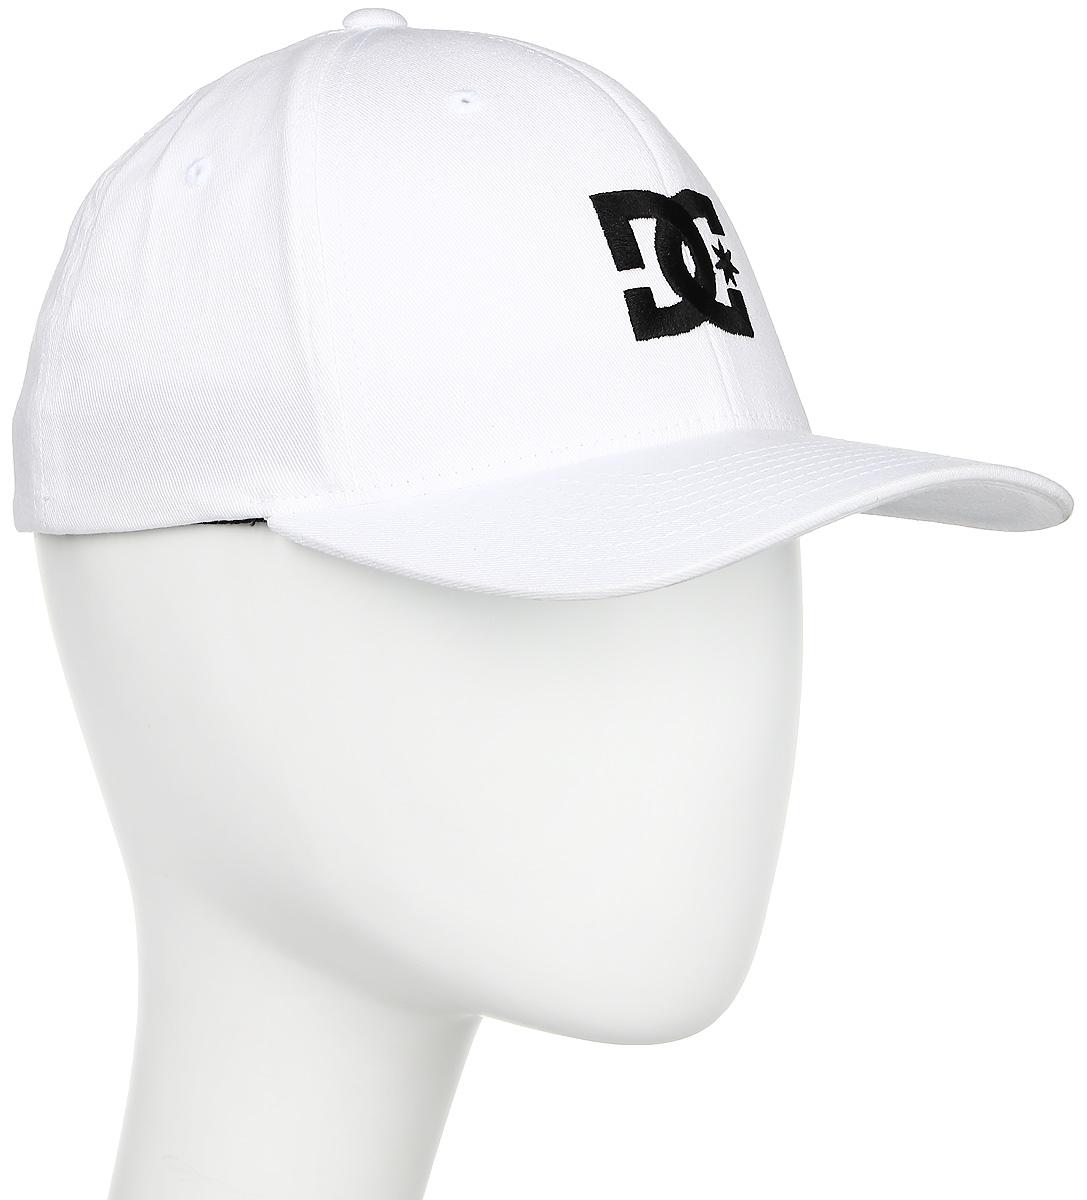 Бейсболка мужская DC Shoes Cap Star 2, цвет: белый. 55300096-WHT. Размер S/M (56)55300096-WHTМужская бейсболка DC Shoes Cap Star 2 выполнена из хлопка с добавлением эластана. Модель с плотным козырьком оформлена вышитым логотипом бренда. Сверху бейсболка имеет небольшие отверстия, обеспечивающие дополнительную вентиляцию. Фасон Flexfit и эластичная резинка с внутренней стороны обеспечивают идеальную посадку модели на голове.Уважаемые клиенты!Размер, доступный для заказа, является обхватом головы.